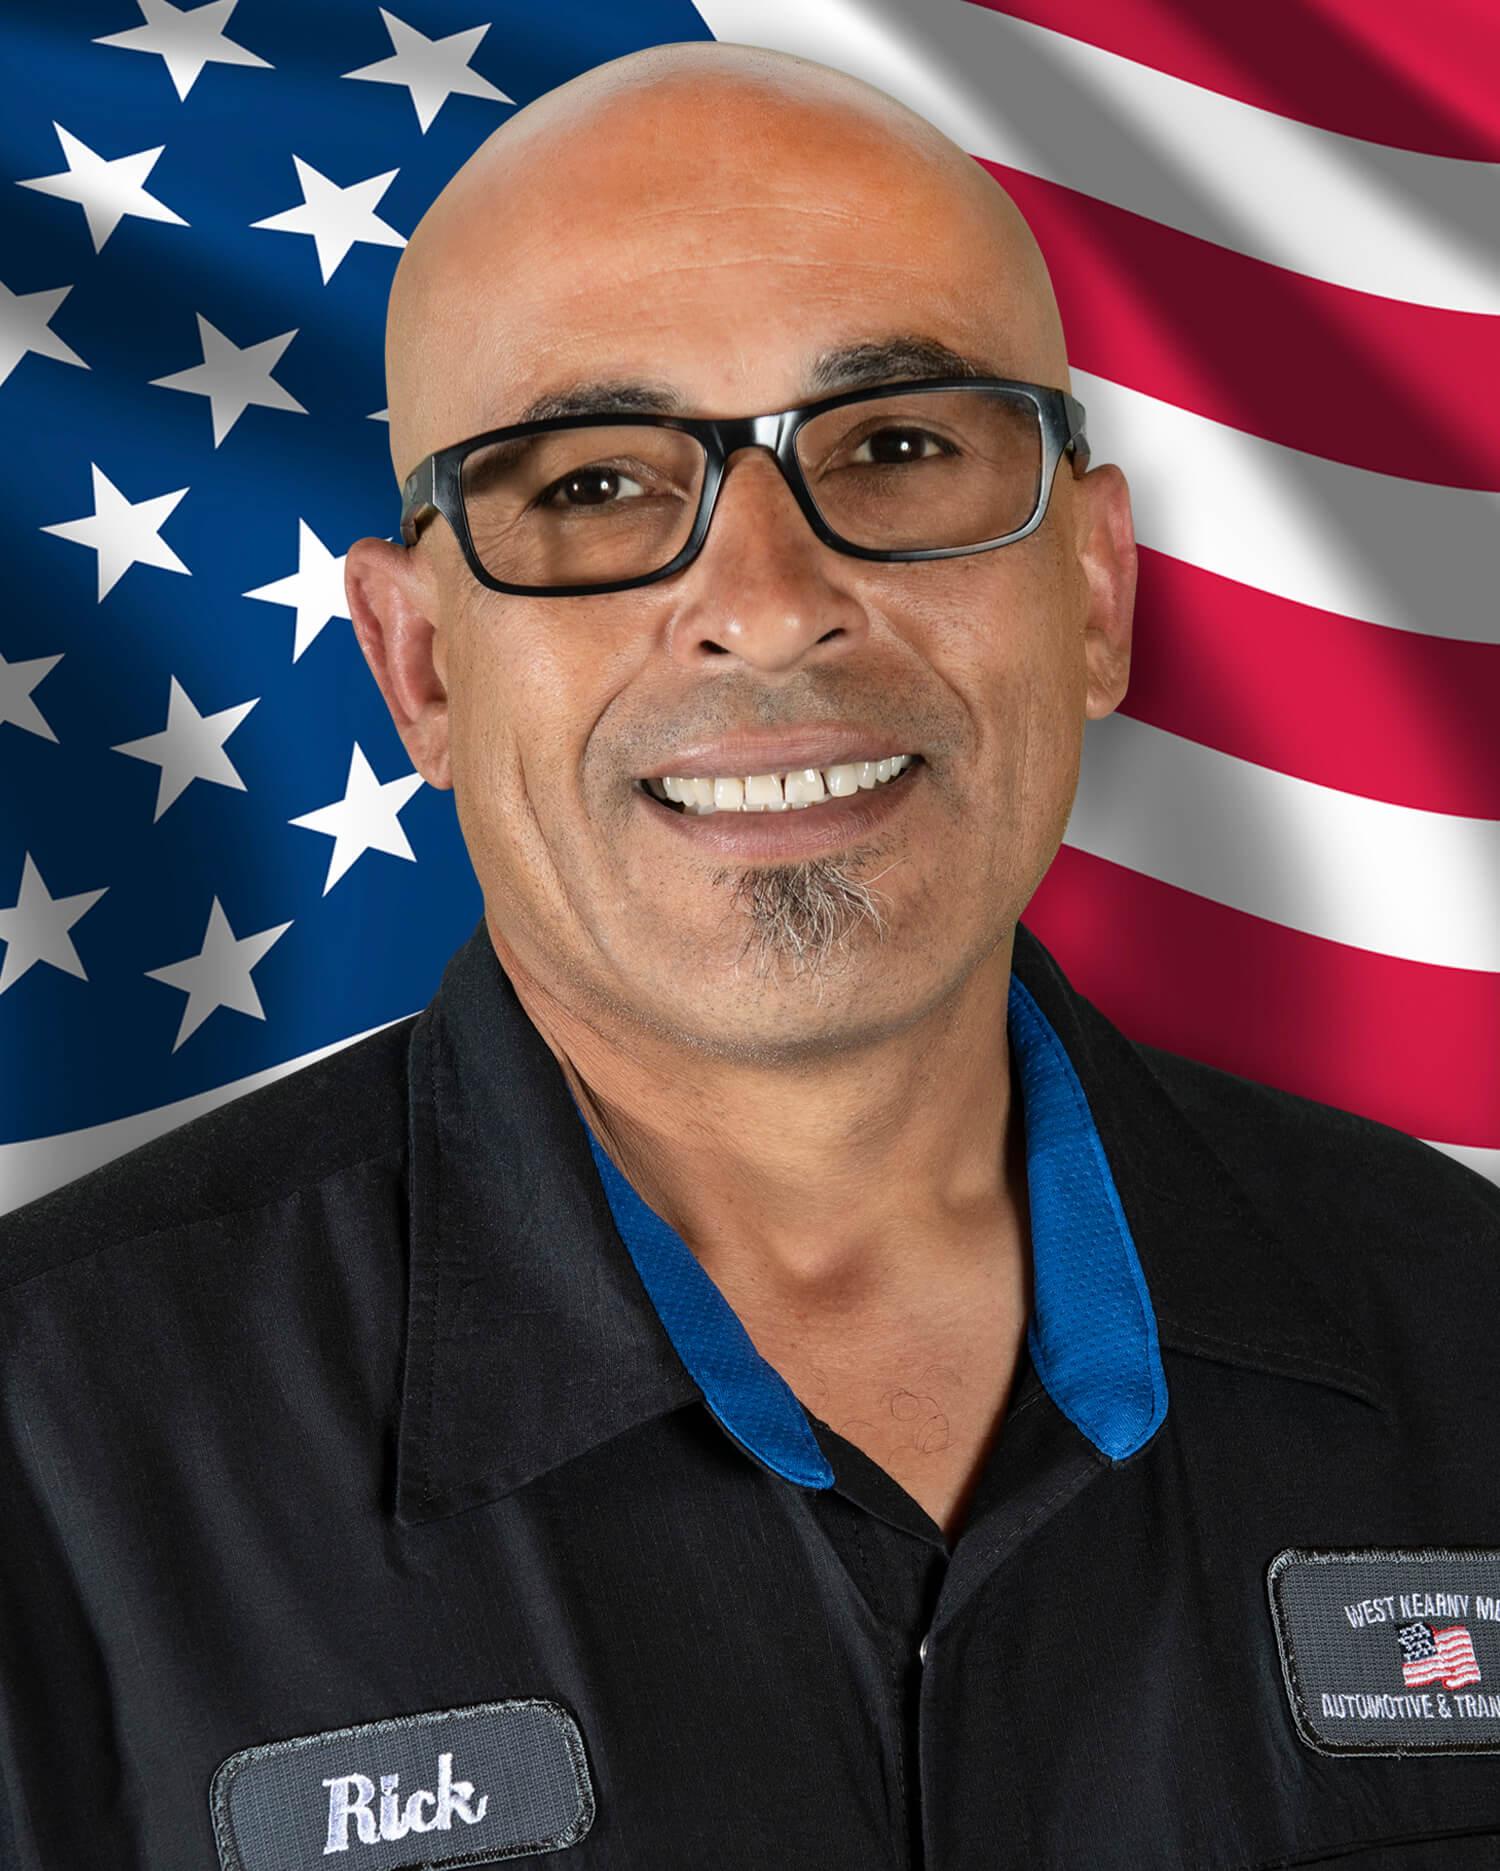 Rick Estrada